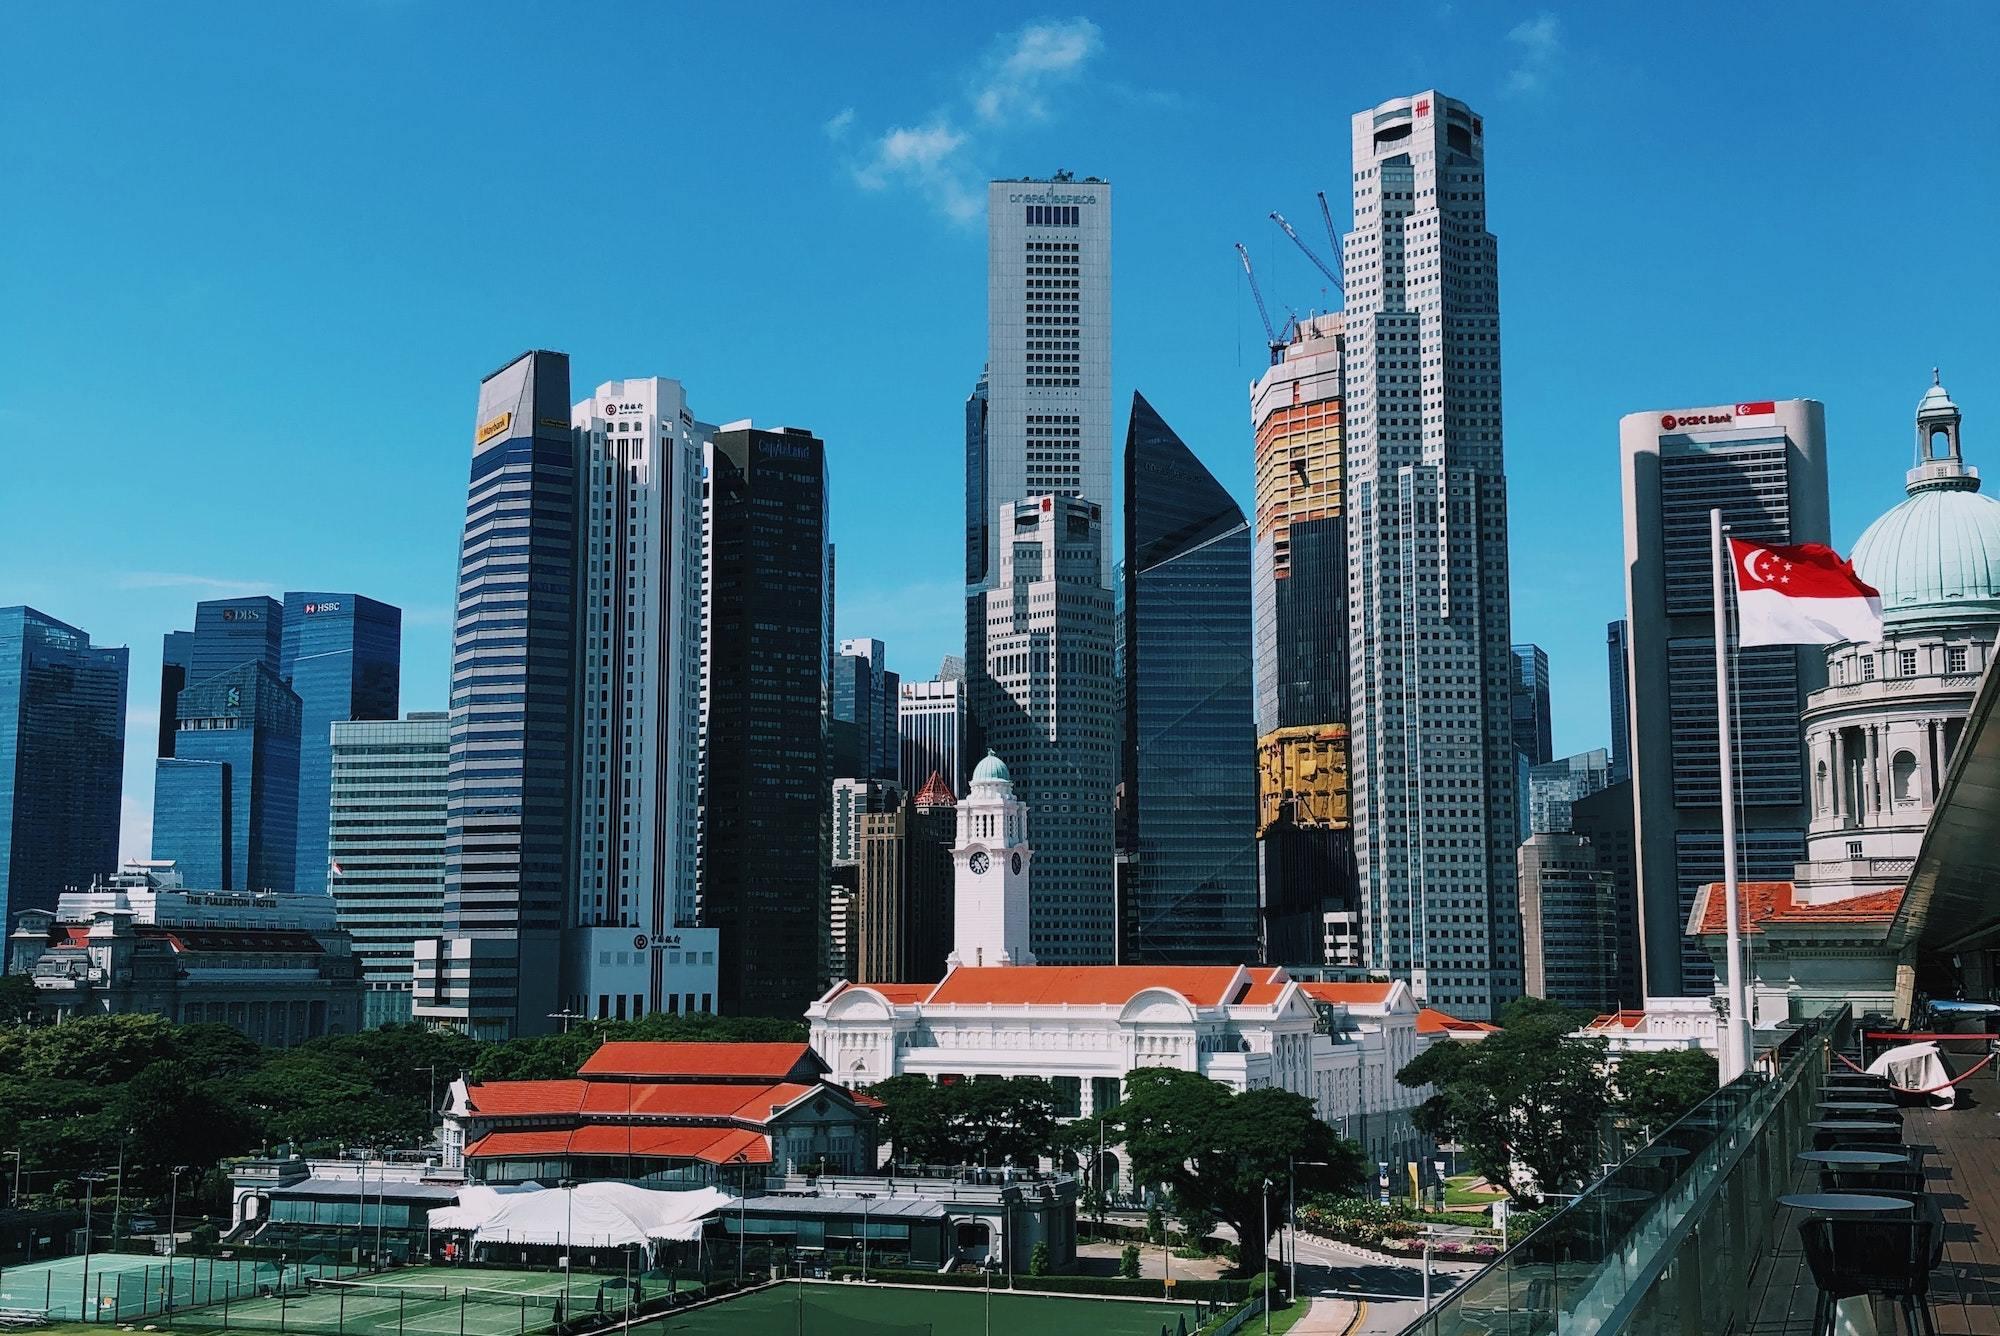 Singapore, buildings